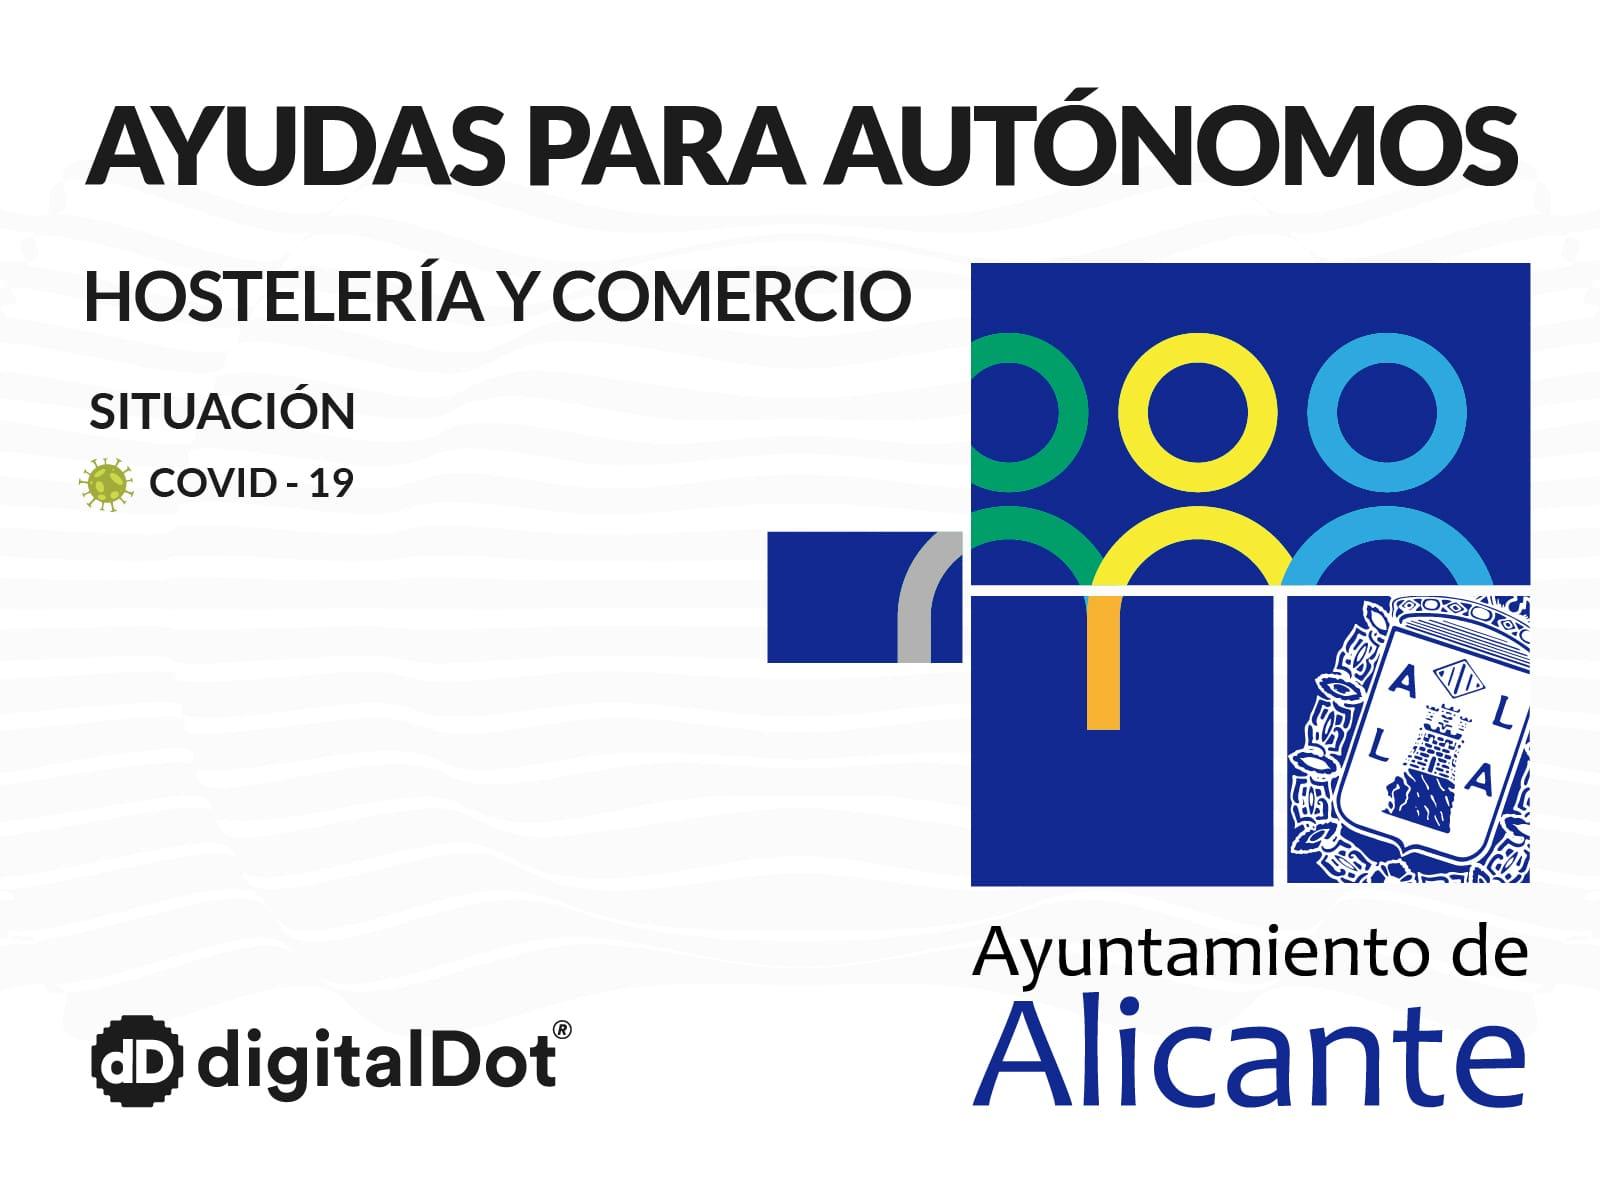 Ayudas COVID-19 al comercio y hostelería de Alicante